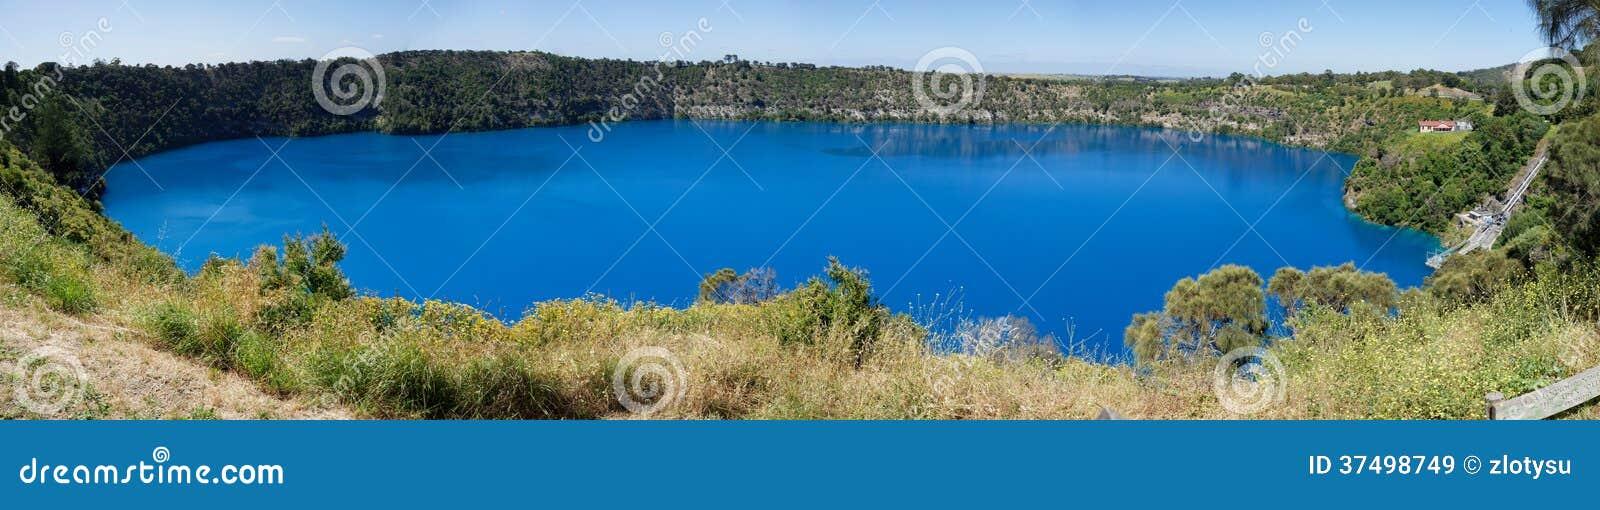 Opinión panorámica del lago azul, soporte Gambier, sur de Australia